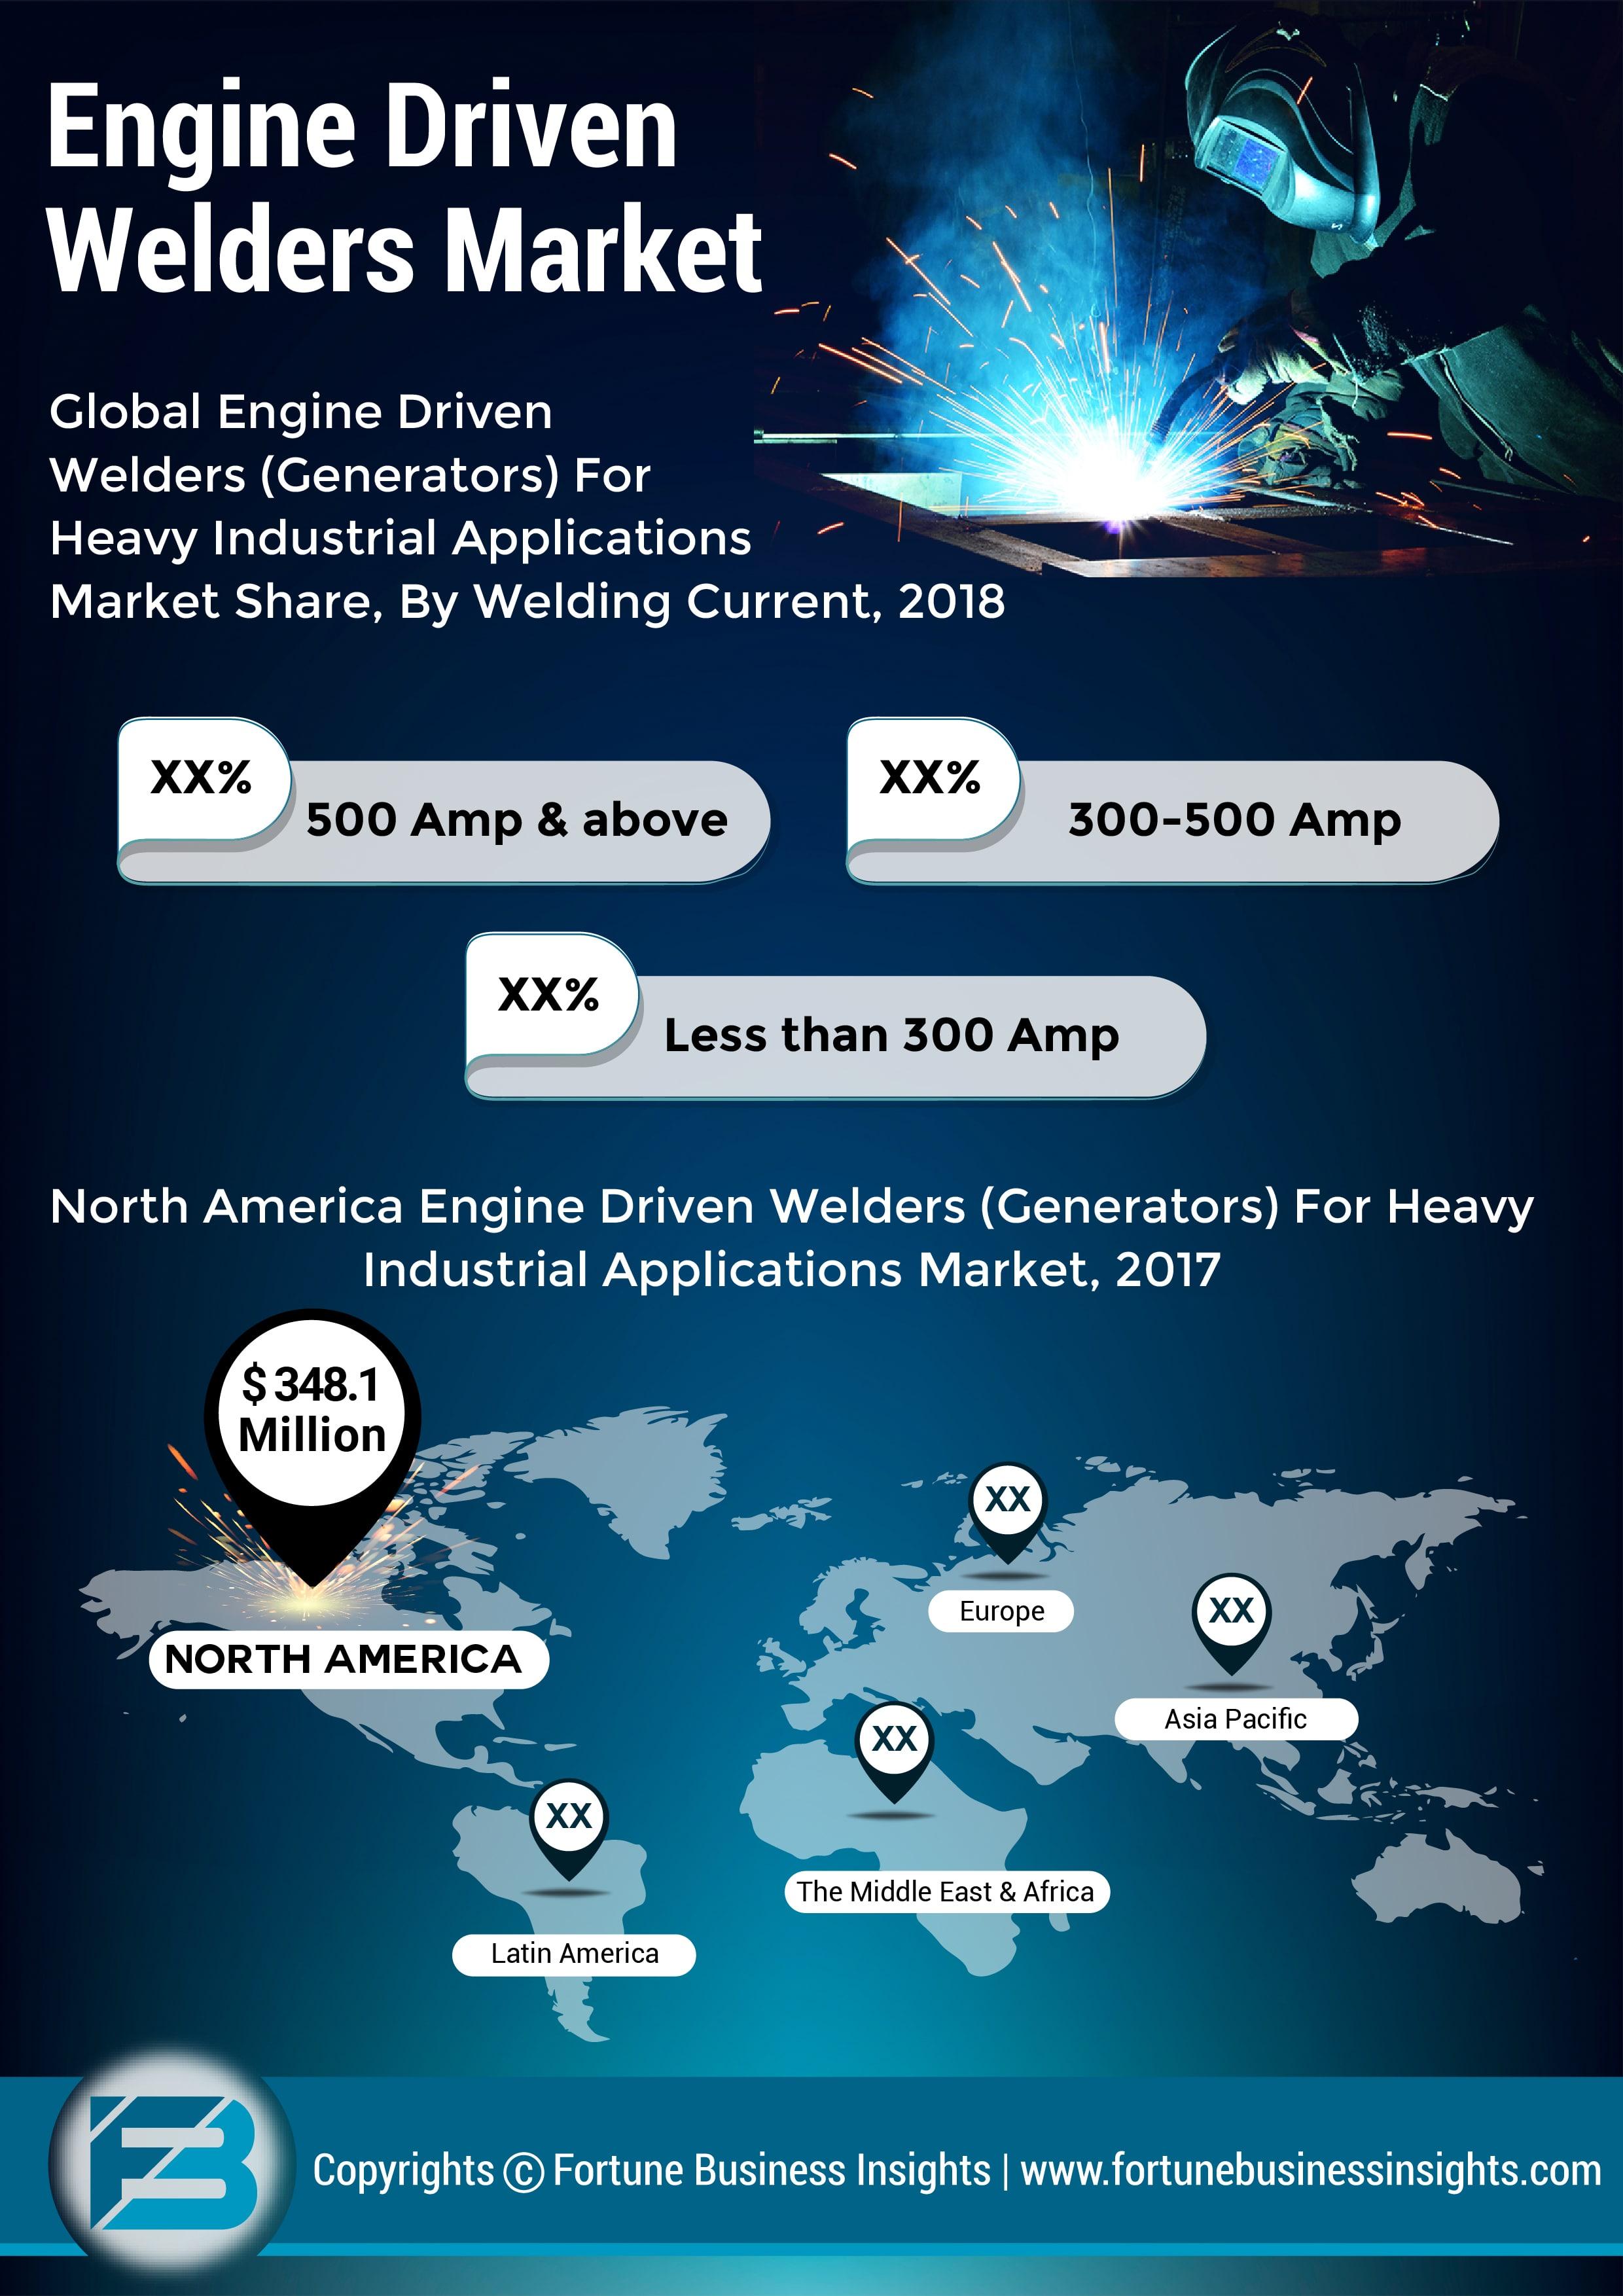 Engine Driven Welders Market